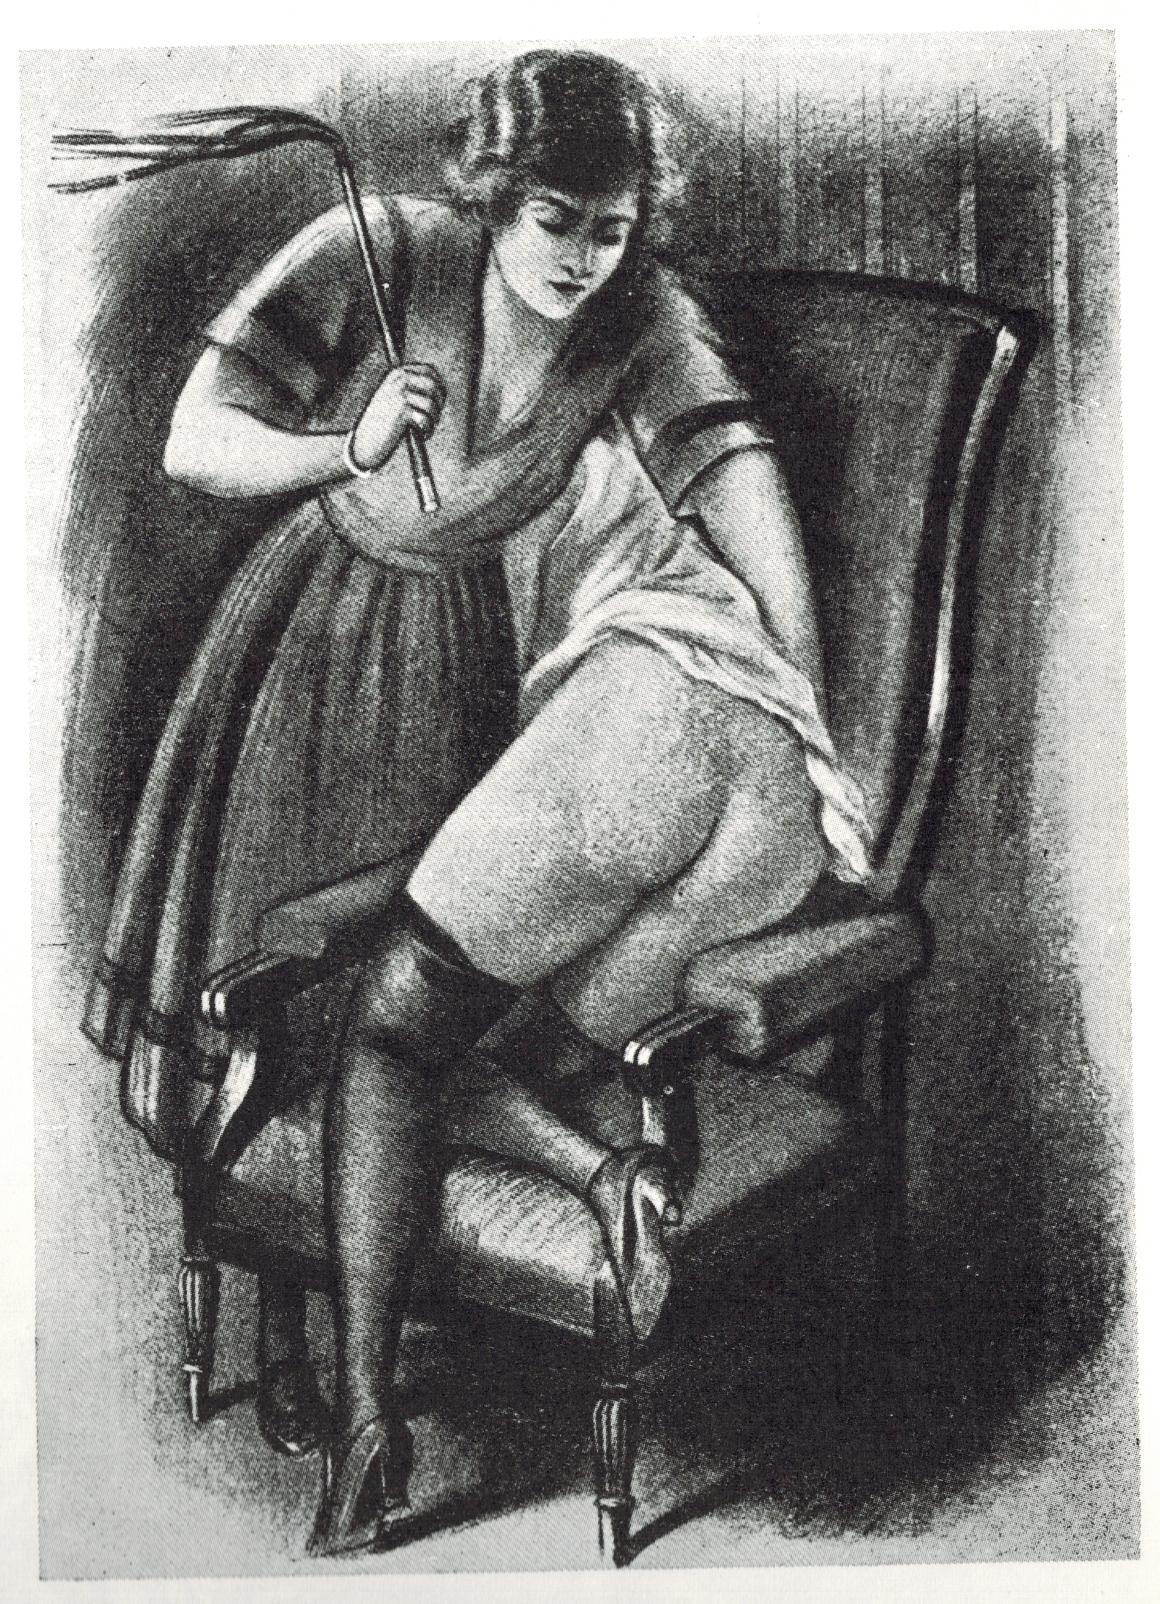 George Topfer Dessin Noir et blanc F/F Martinet Vintage